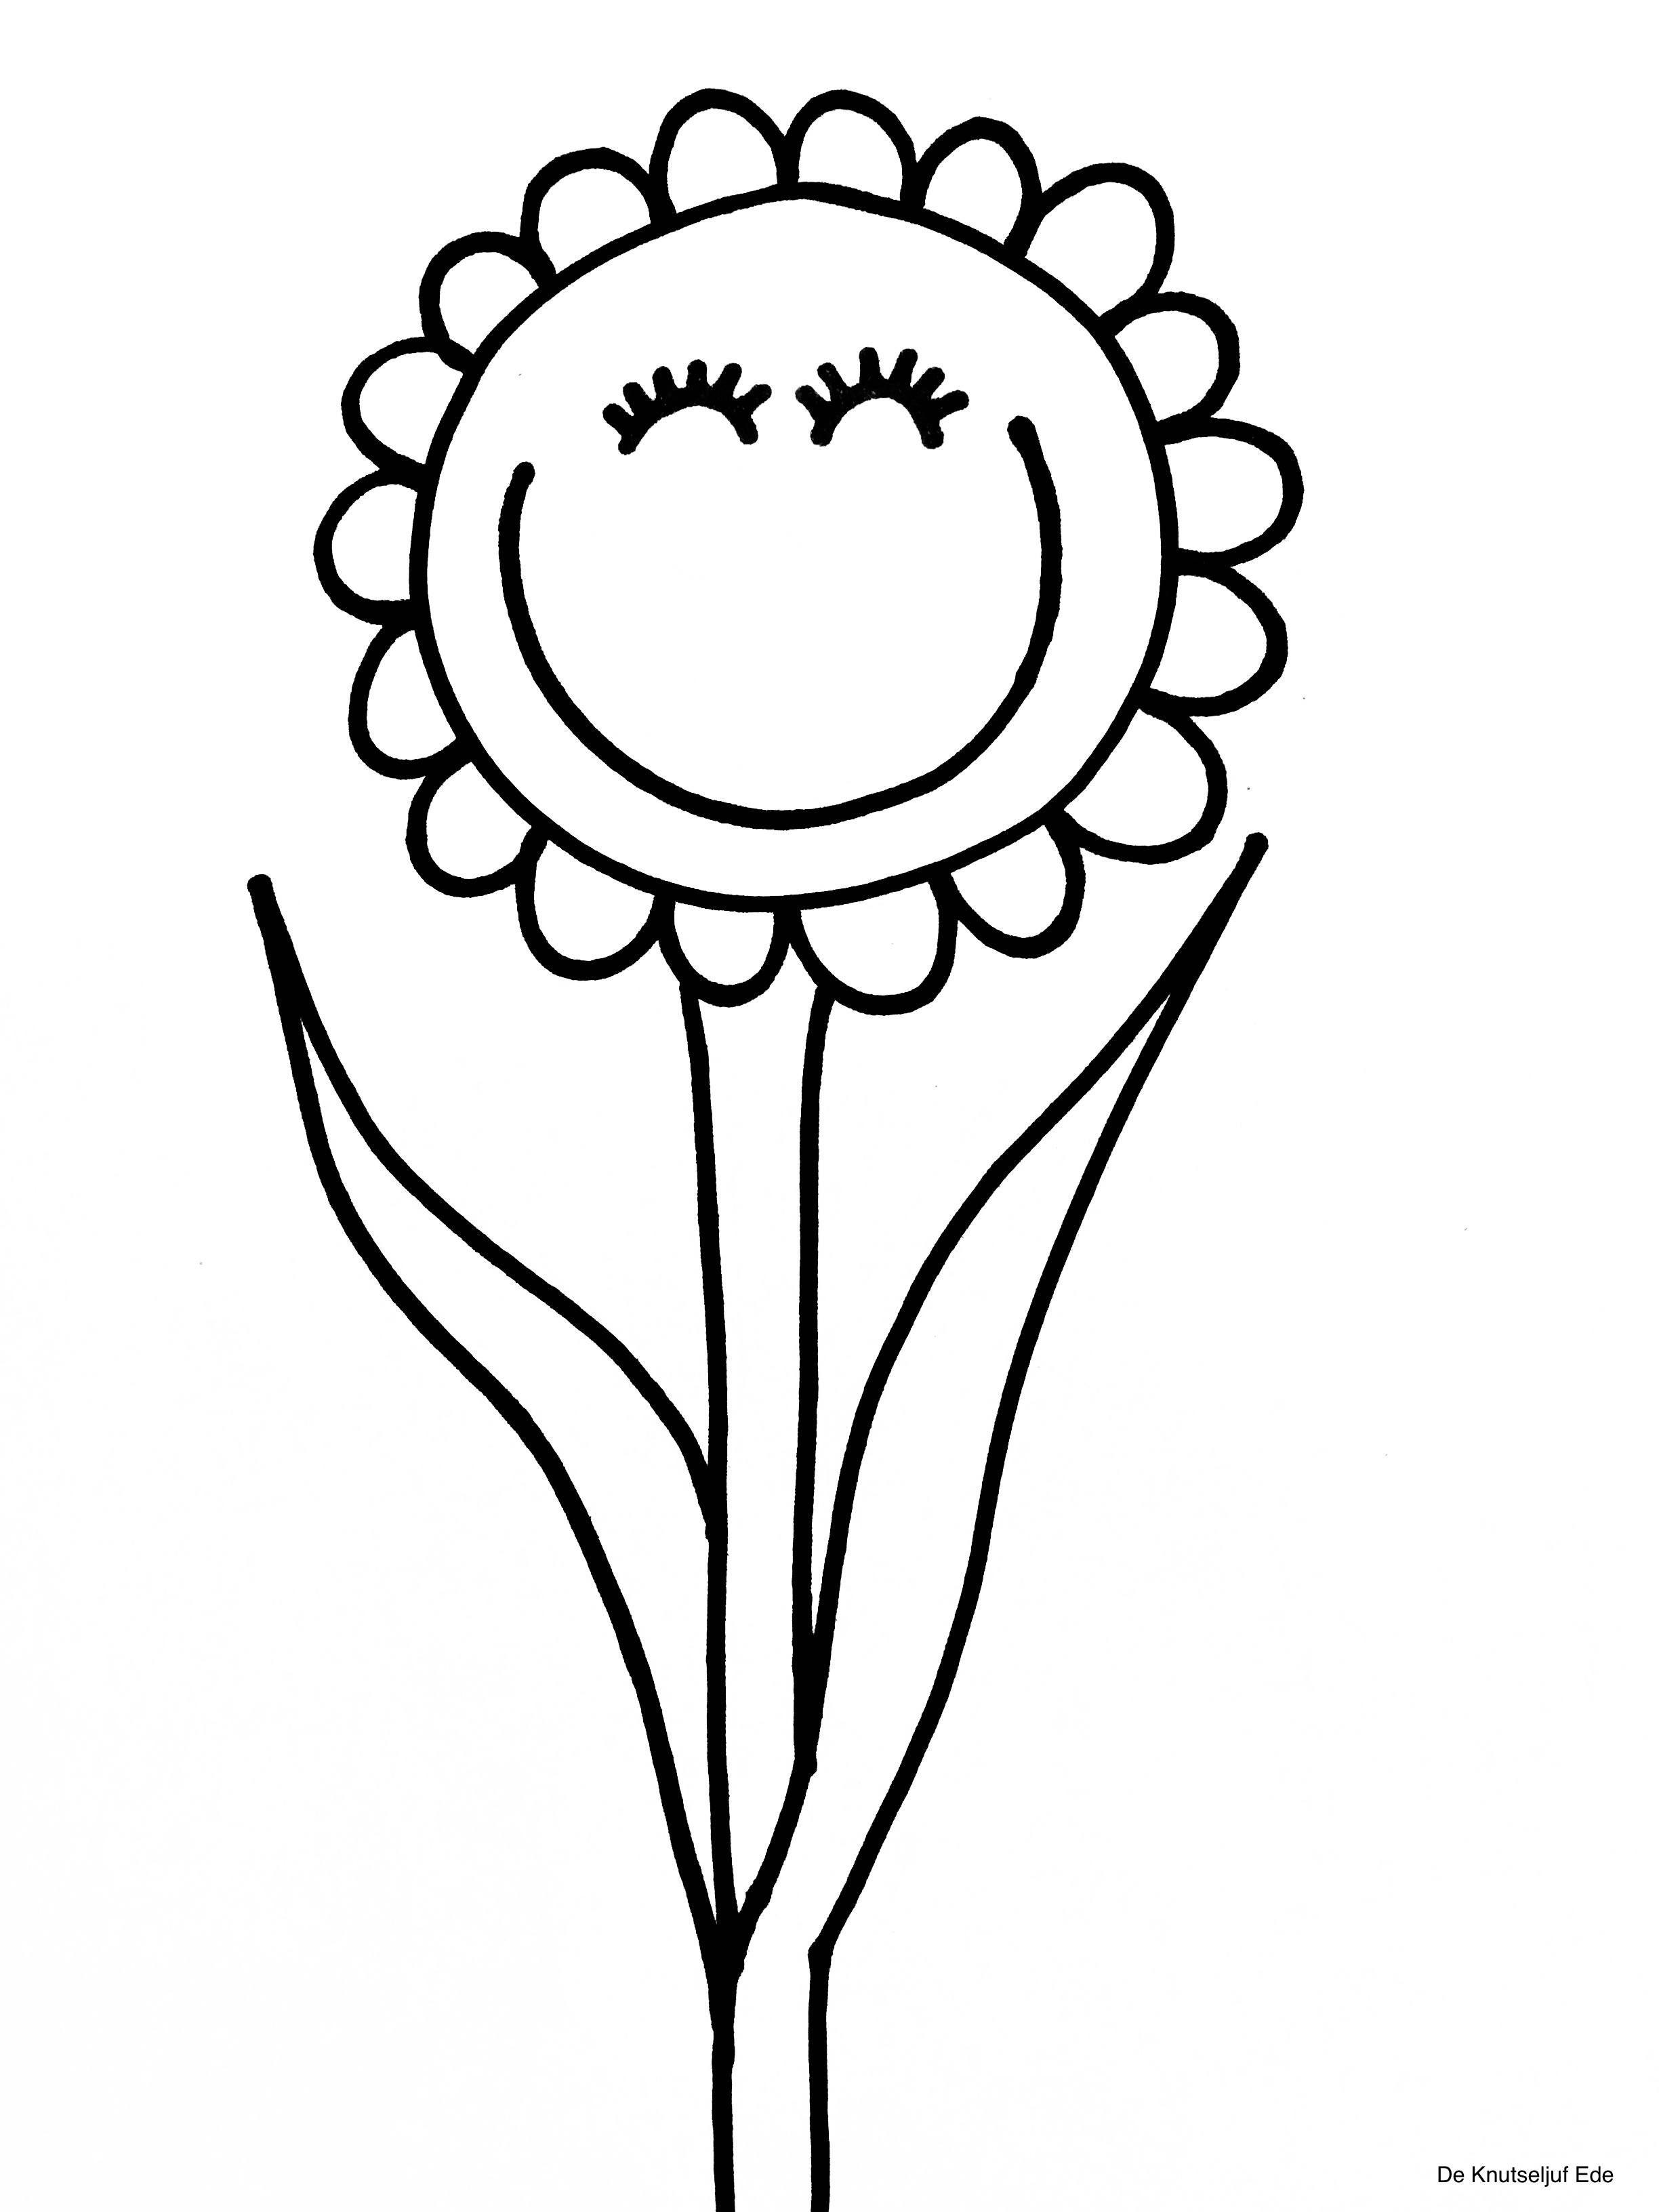 Kleurplaten Bloemen Peuters.Kleurplaten Bloemen Kleurplaten Kleurplaat Kleurplaat Bloemen